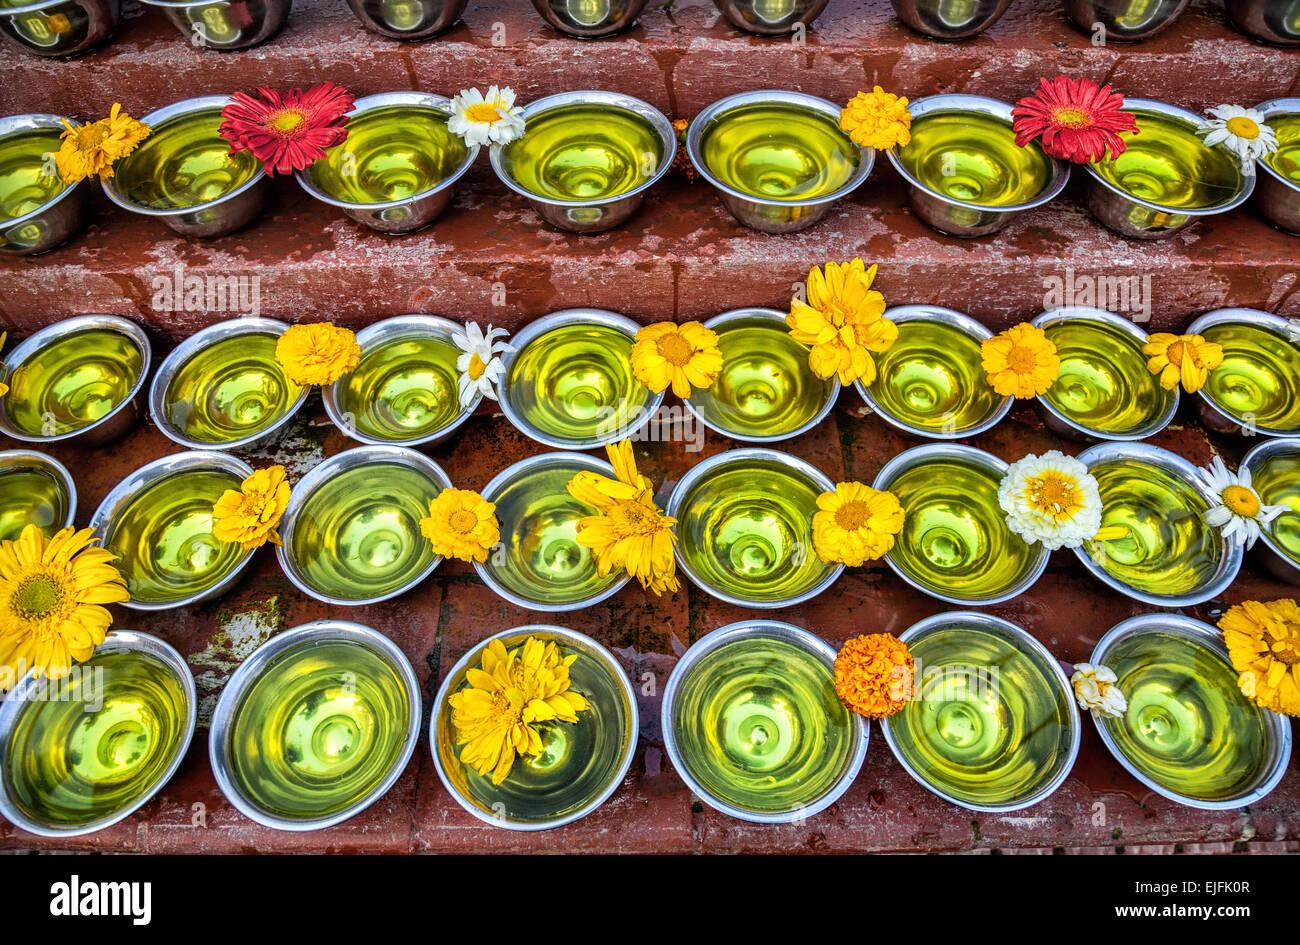 Ciotole con acqua con lo zafferano e fiori a Bodhnath stupa in valle di Kathmandu, Nepal Immagini Stock